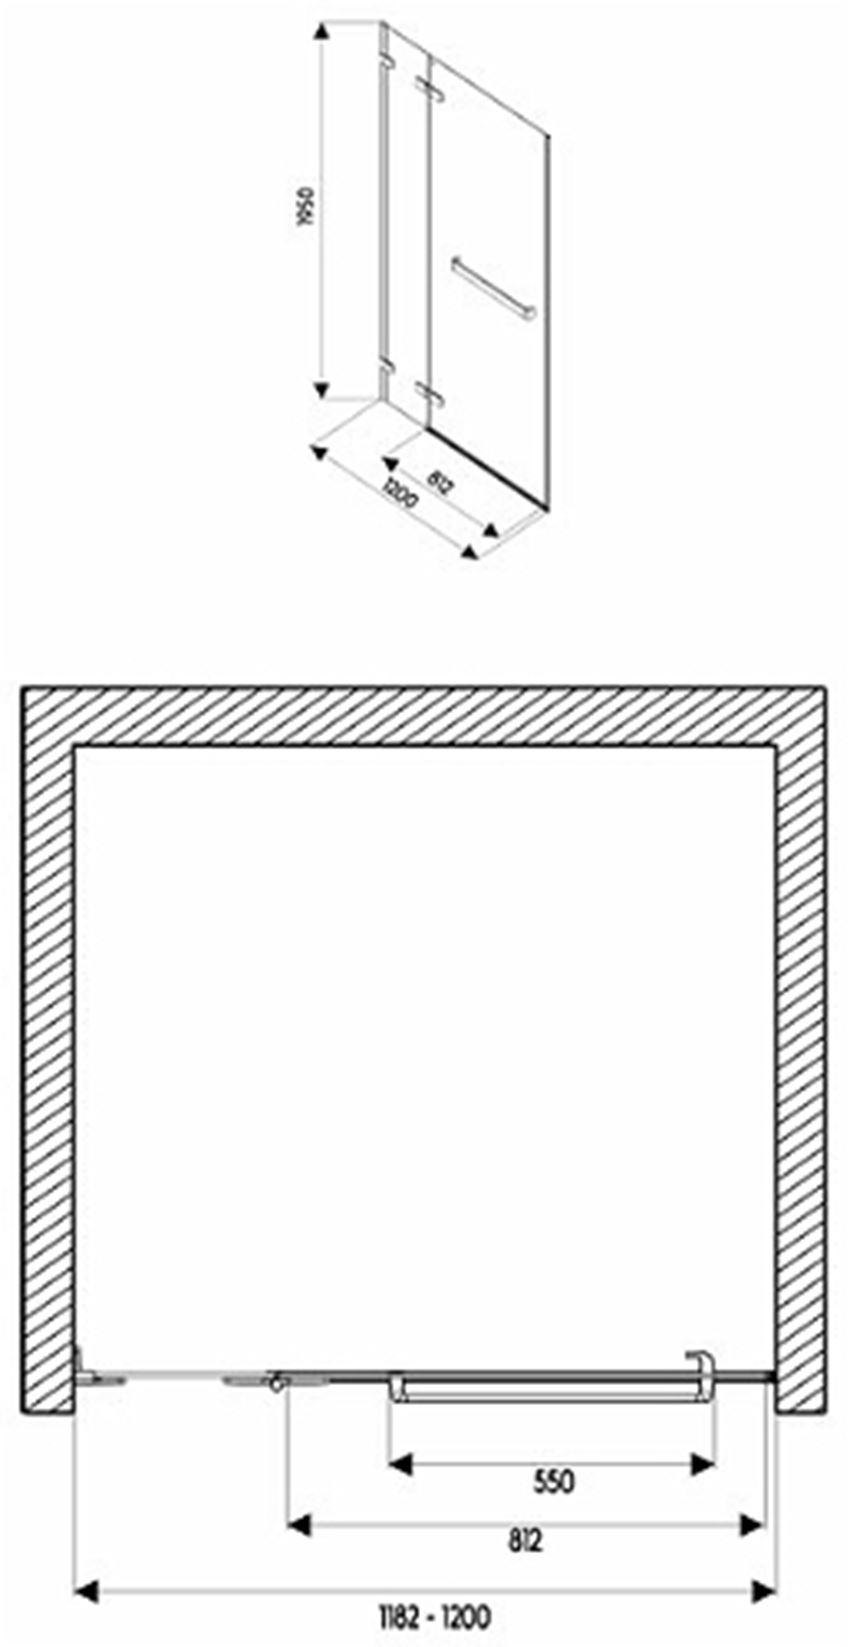 Drzwi lewostronne 120x195 cm Koło Next rysunek techniczny